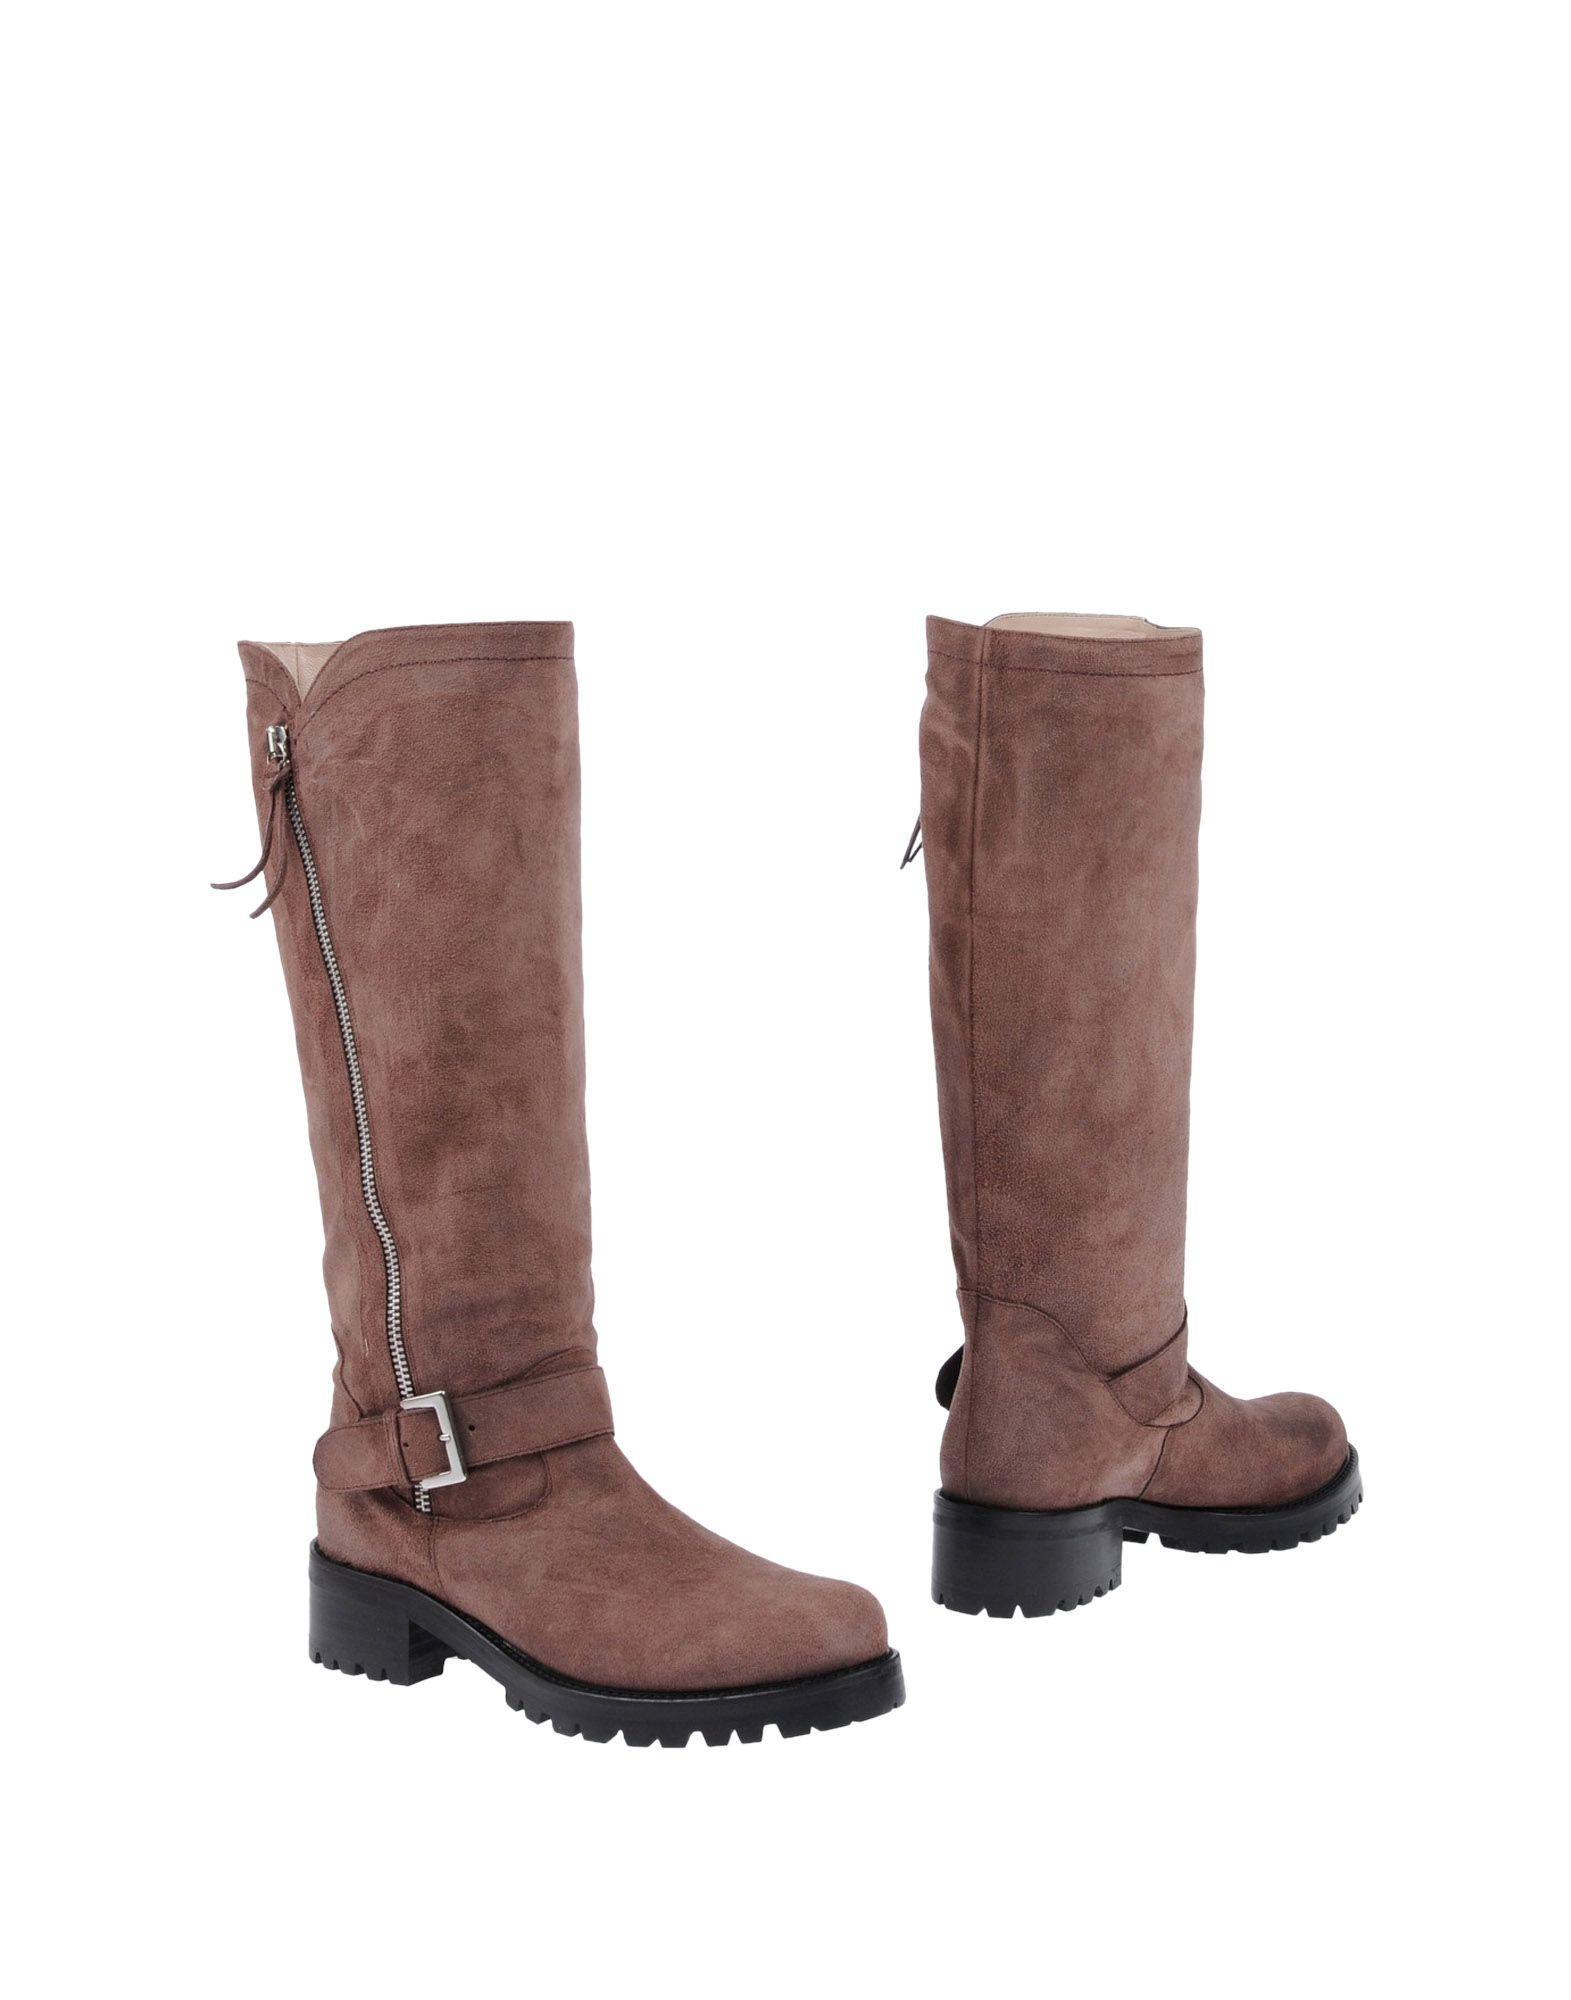 Cavallini Stiefel Damen  11454382MVGut aussehende strapazierfähige Schuhe